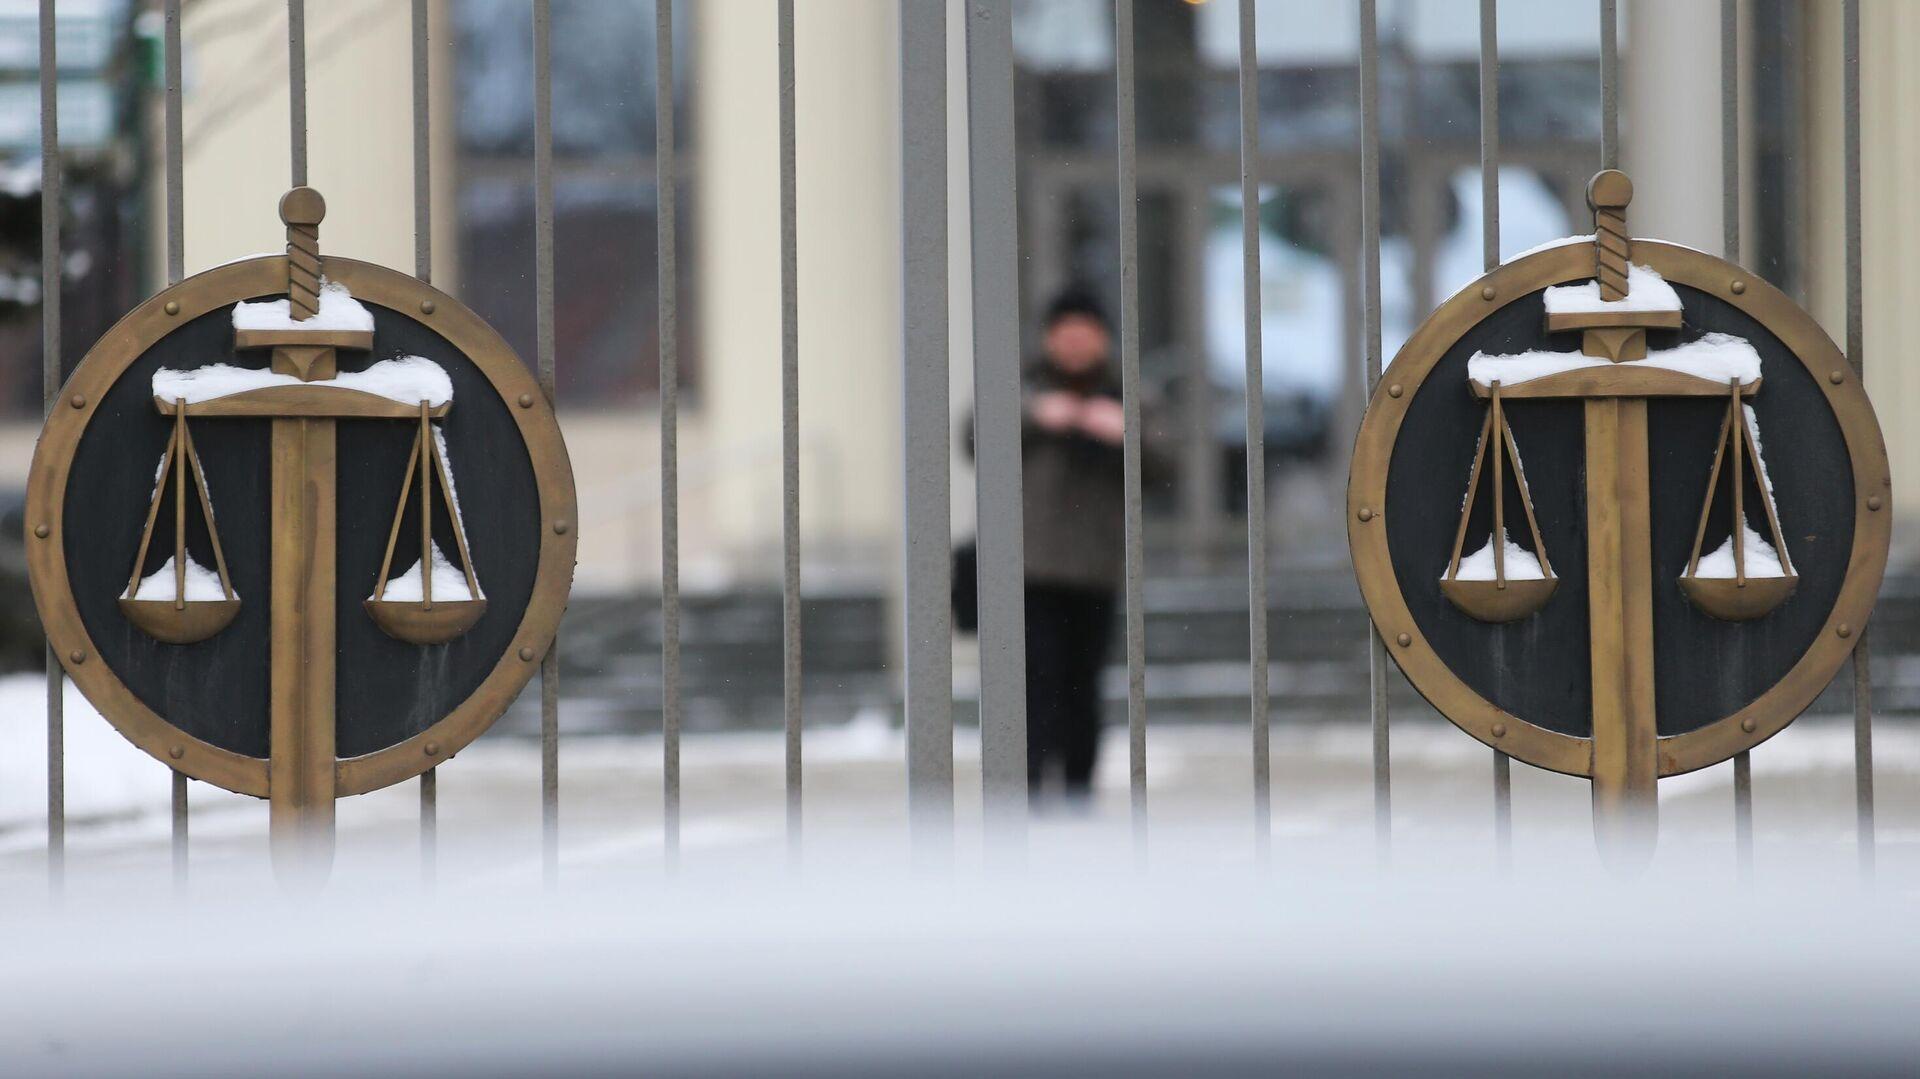 Решетка перед зданием Московского городского суда - РИА Новости, 1920, 02.03.2021